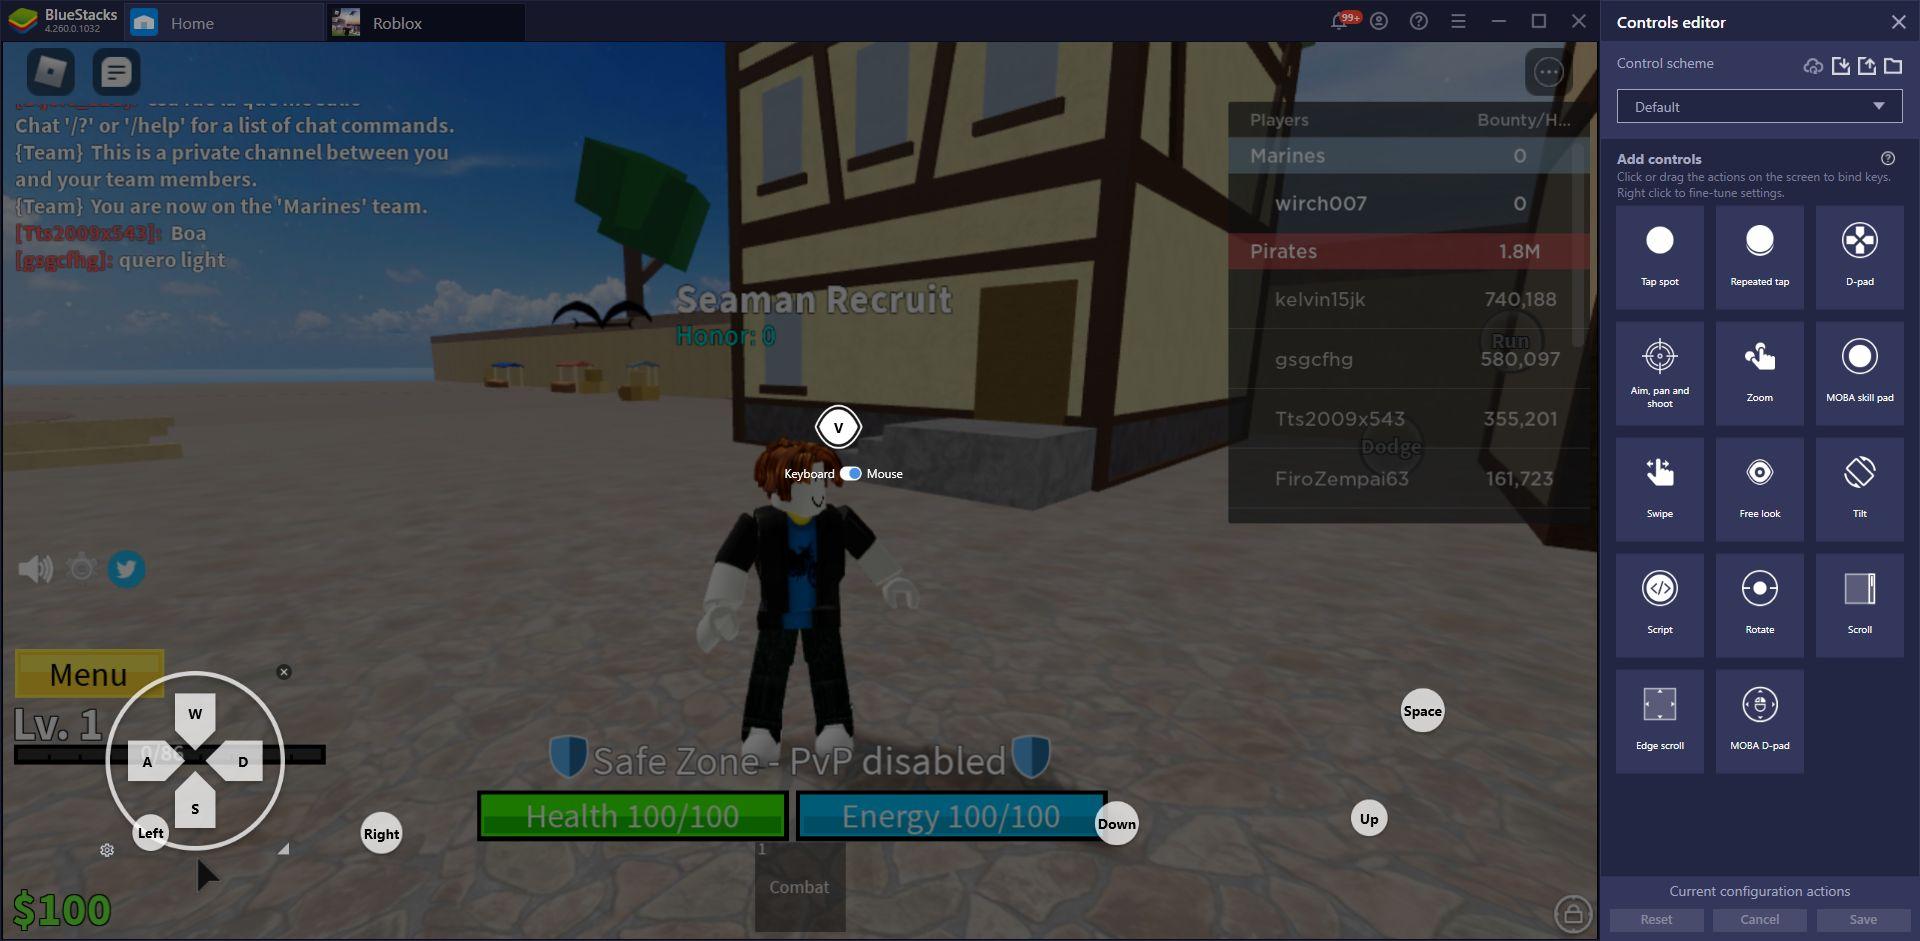 Roblox na komputerze – jak używać narzędzi BlueStacks w robloxowych grach